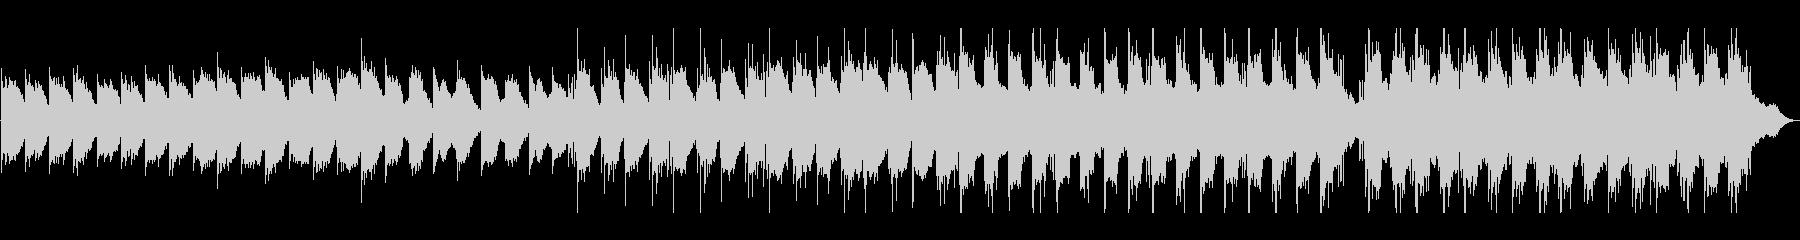 リラックスできるピアノ・エレクトロの未再生の波形